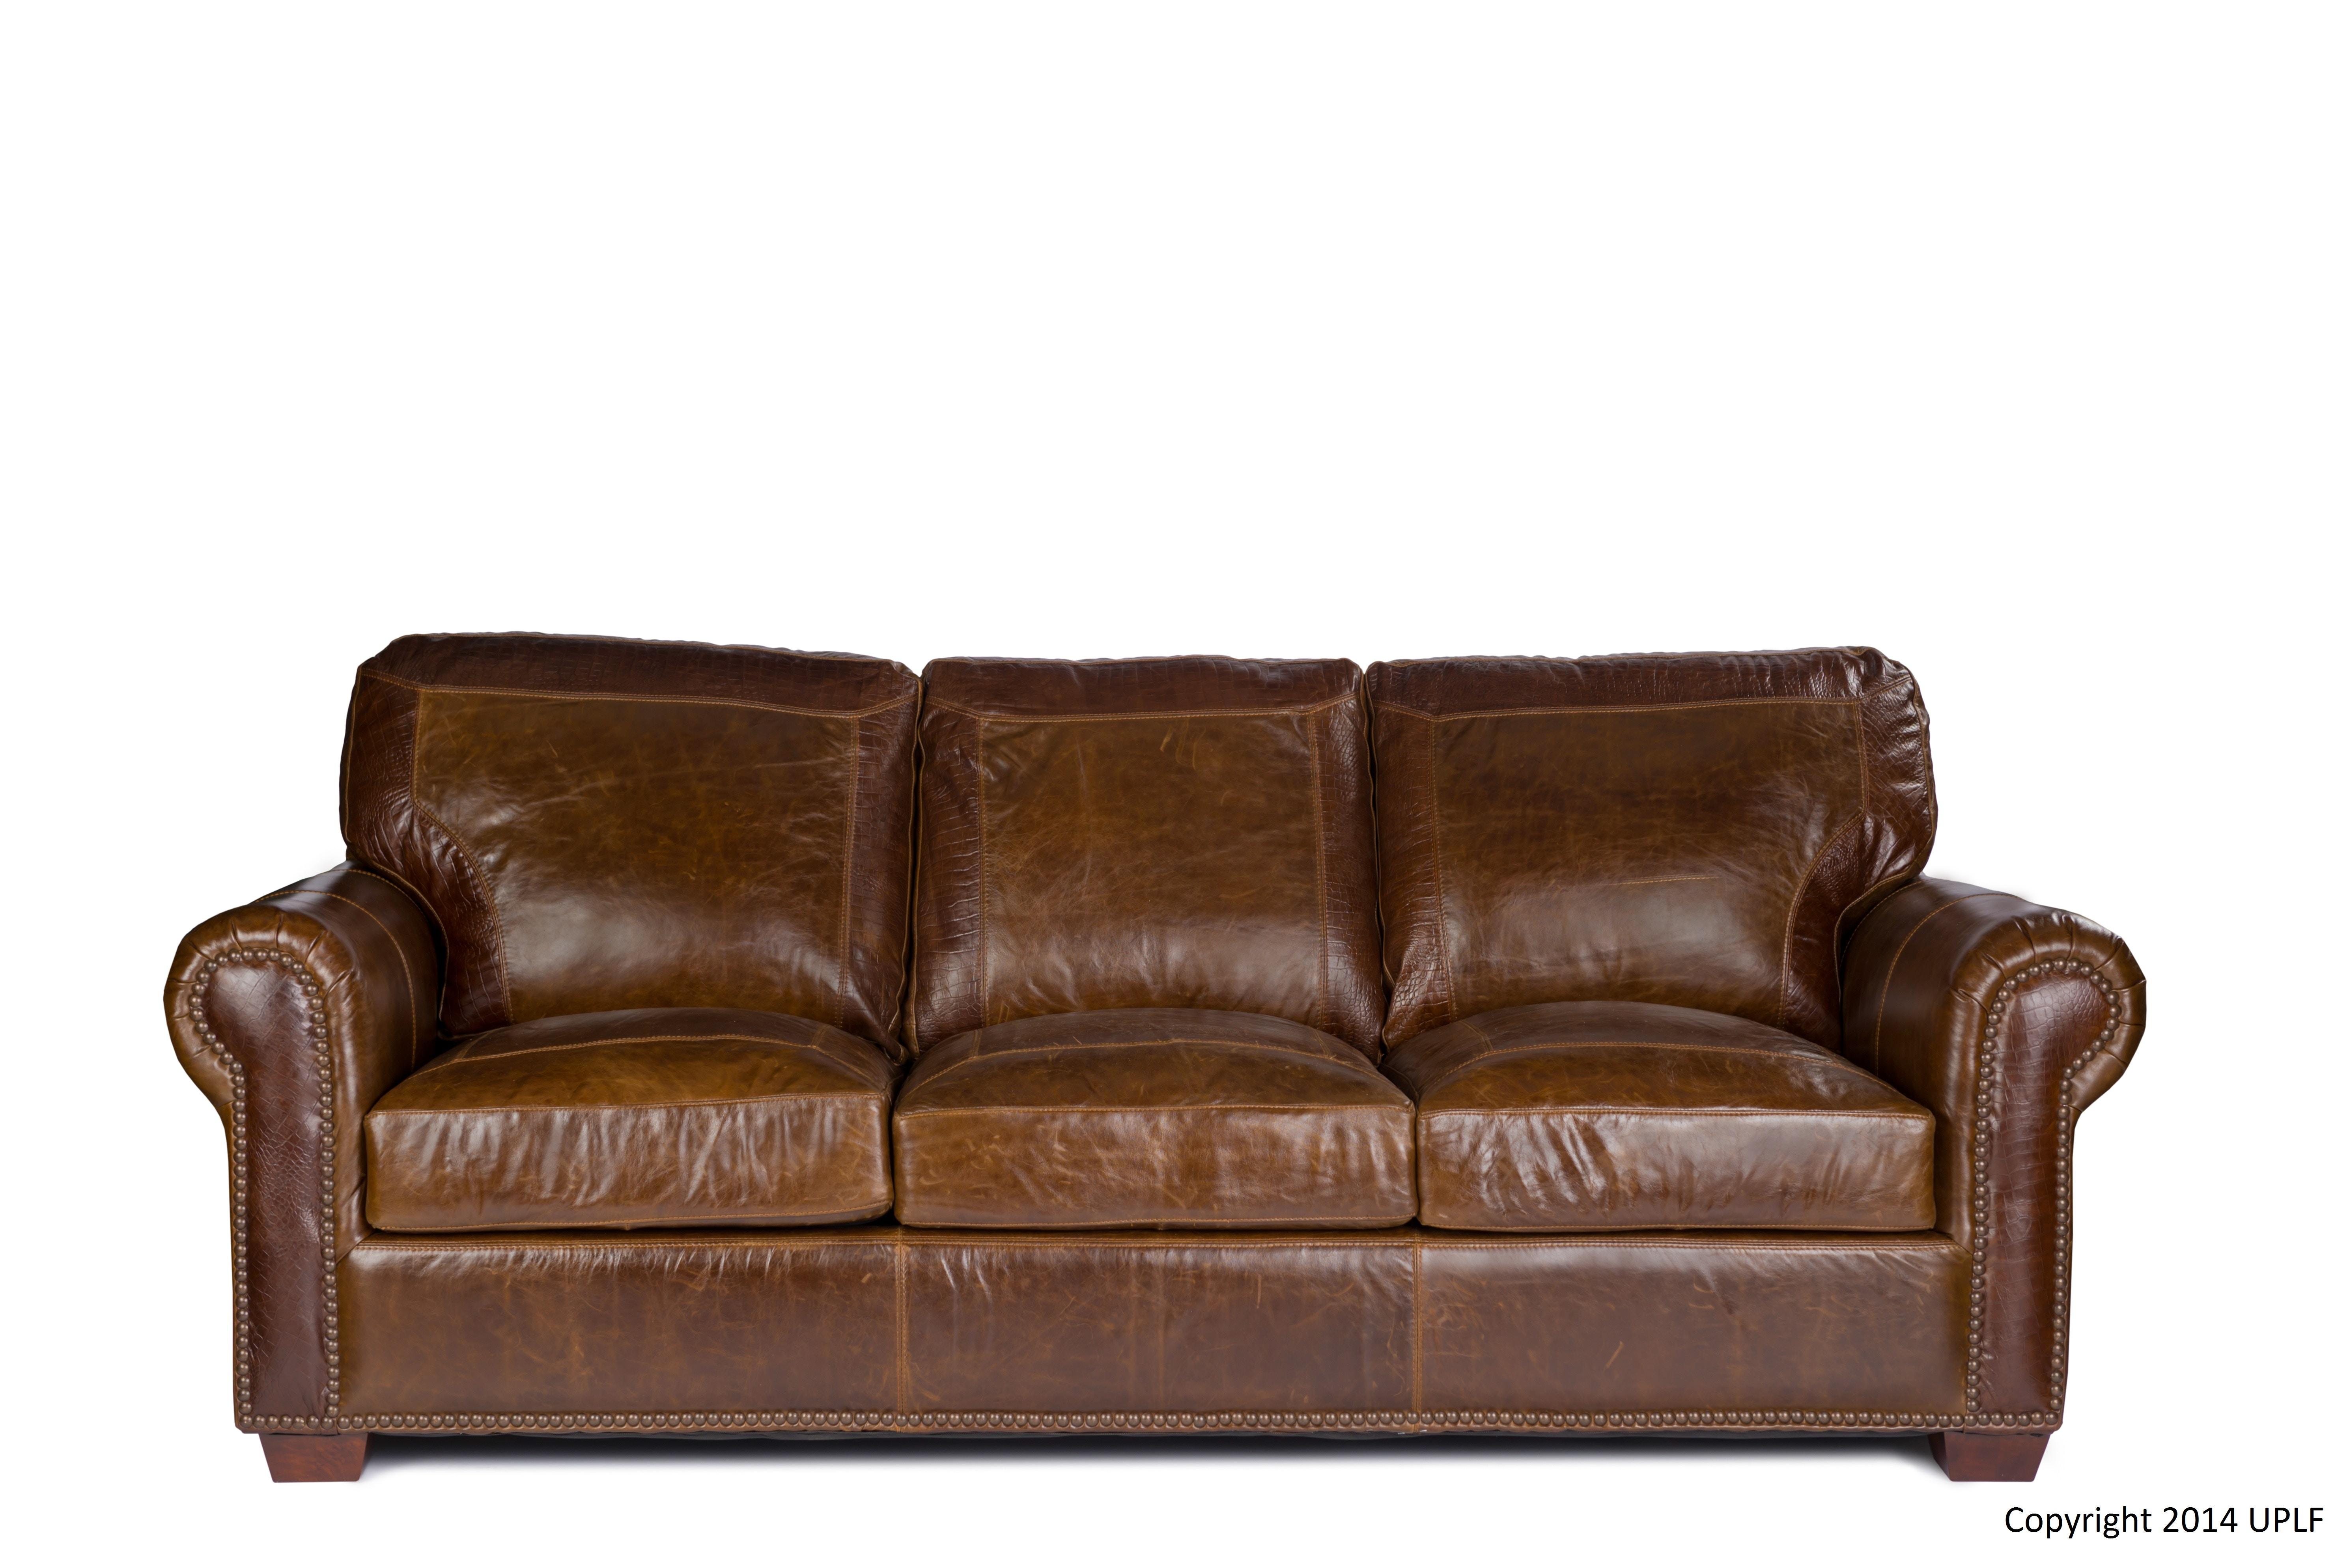 2123800. Pecan With Alligator Sofa · 2123800 · USA Premium Leather